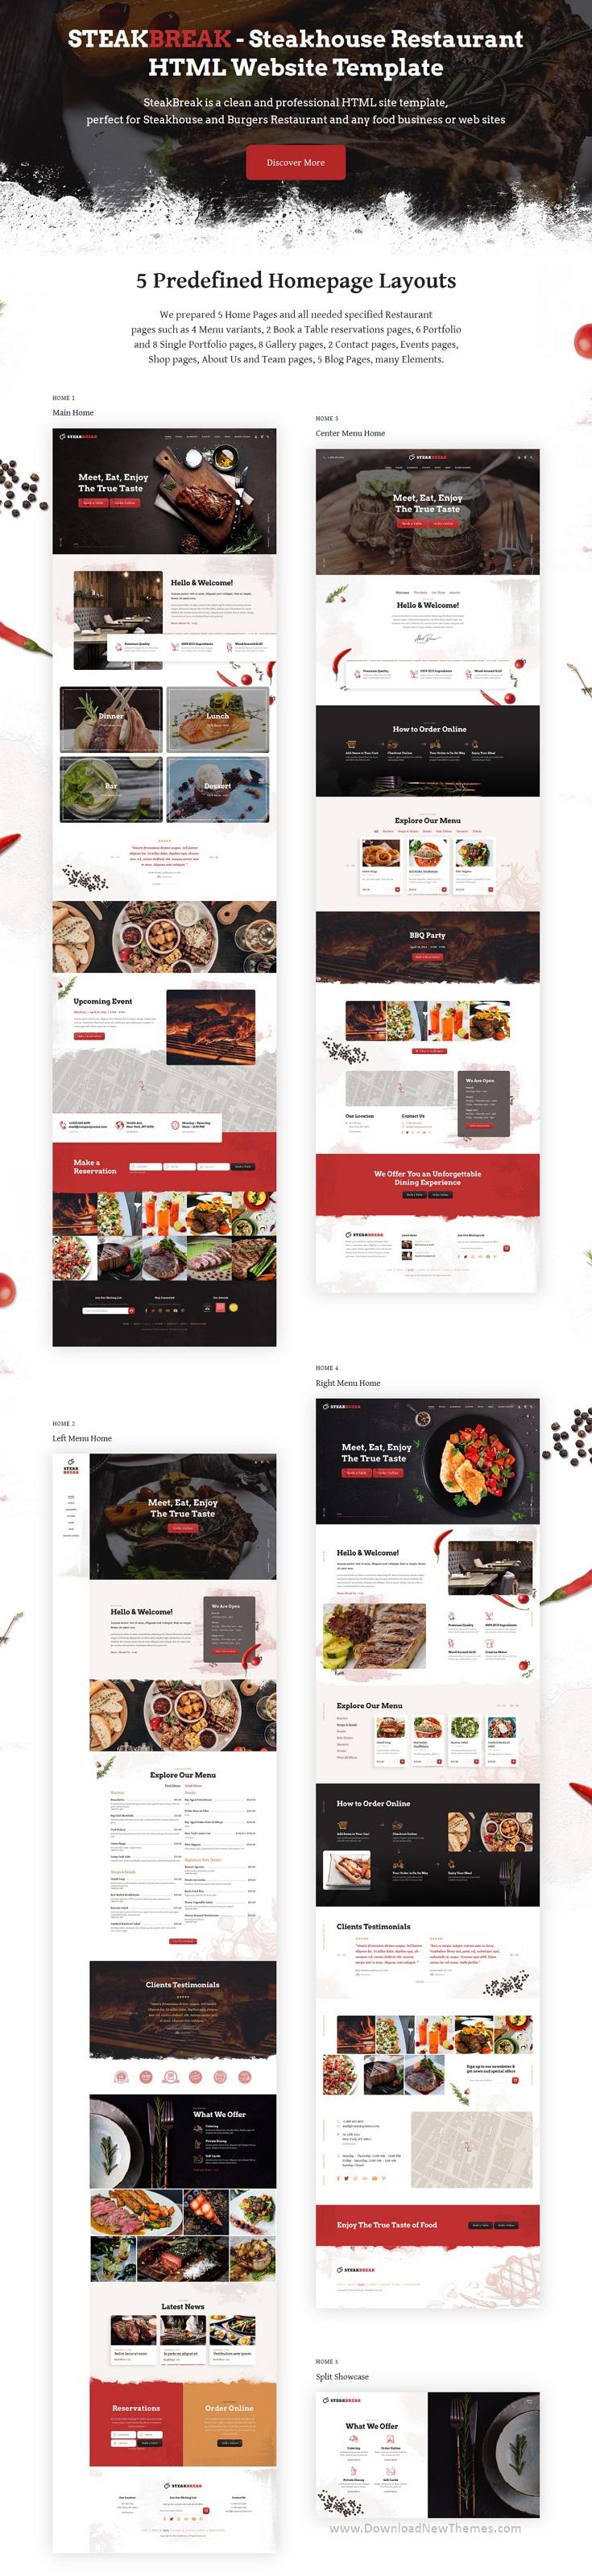 Steakhouse Restaurant Website Template